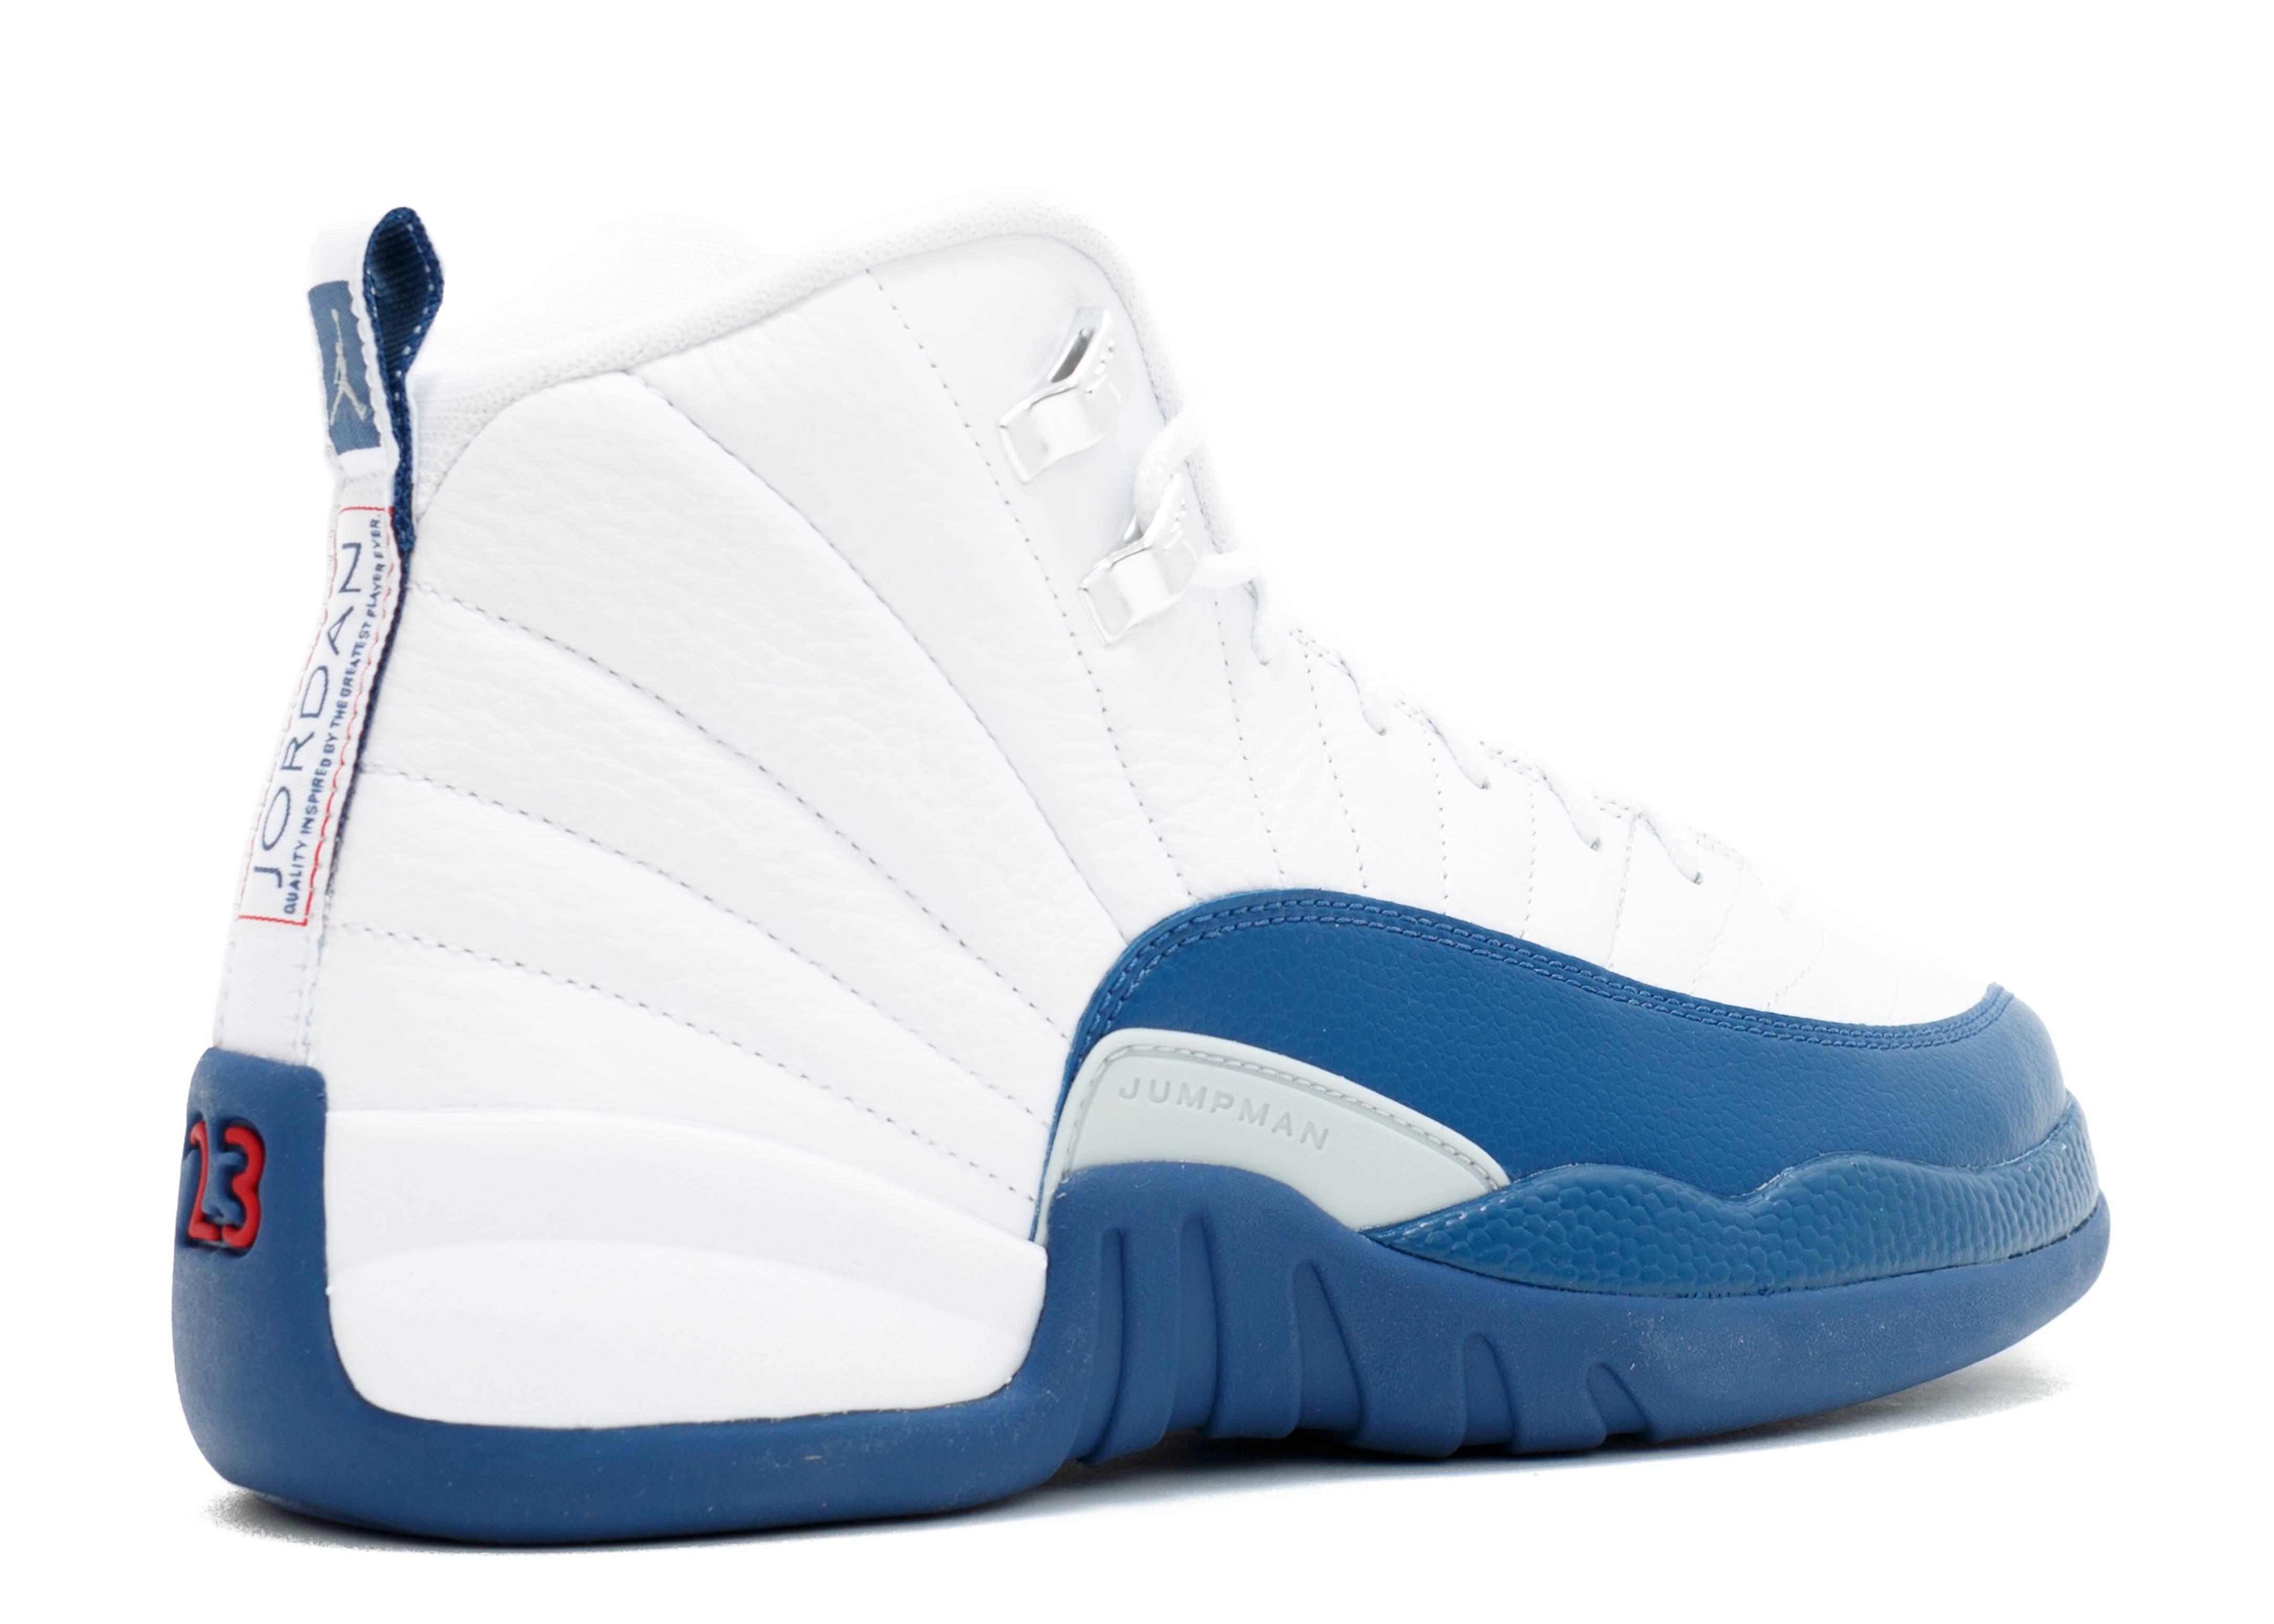 jordans 12 retro blue